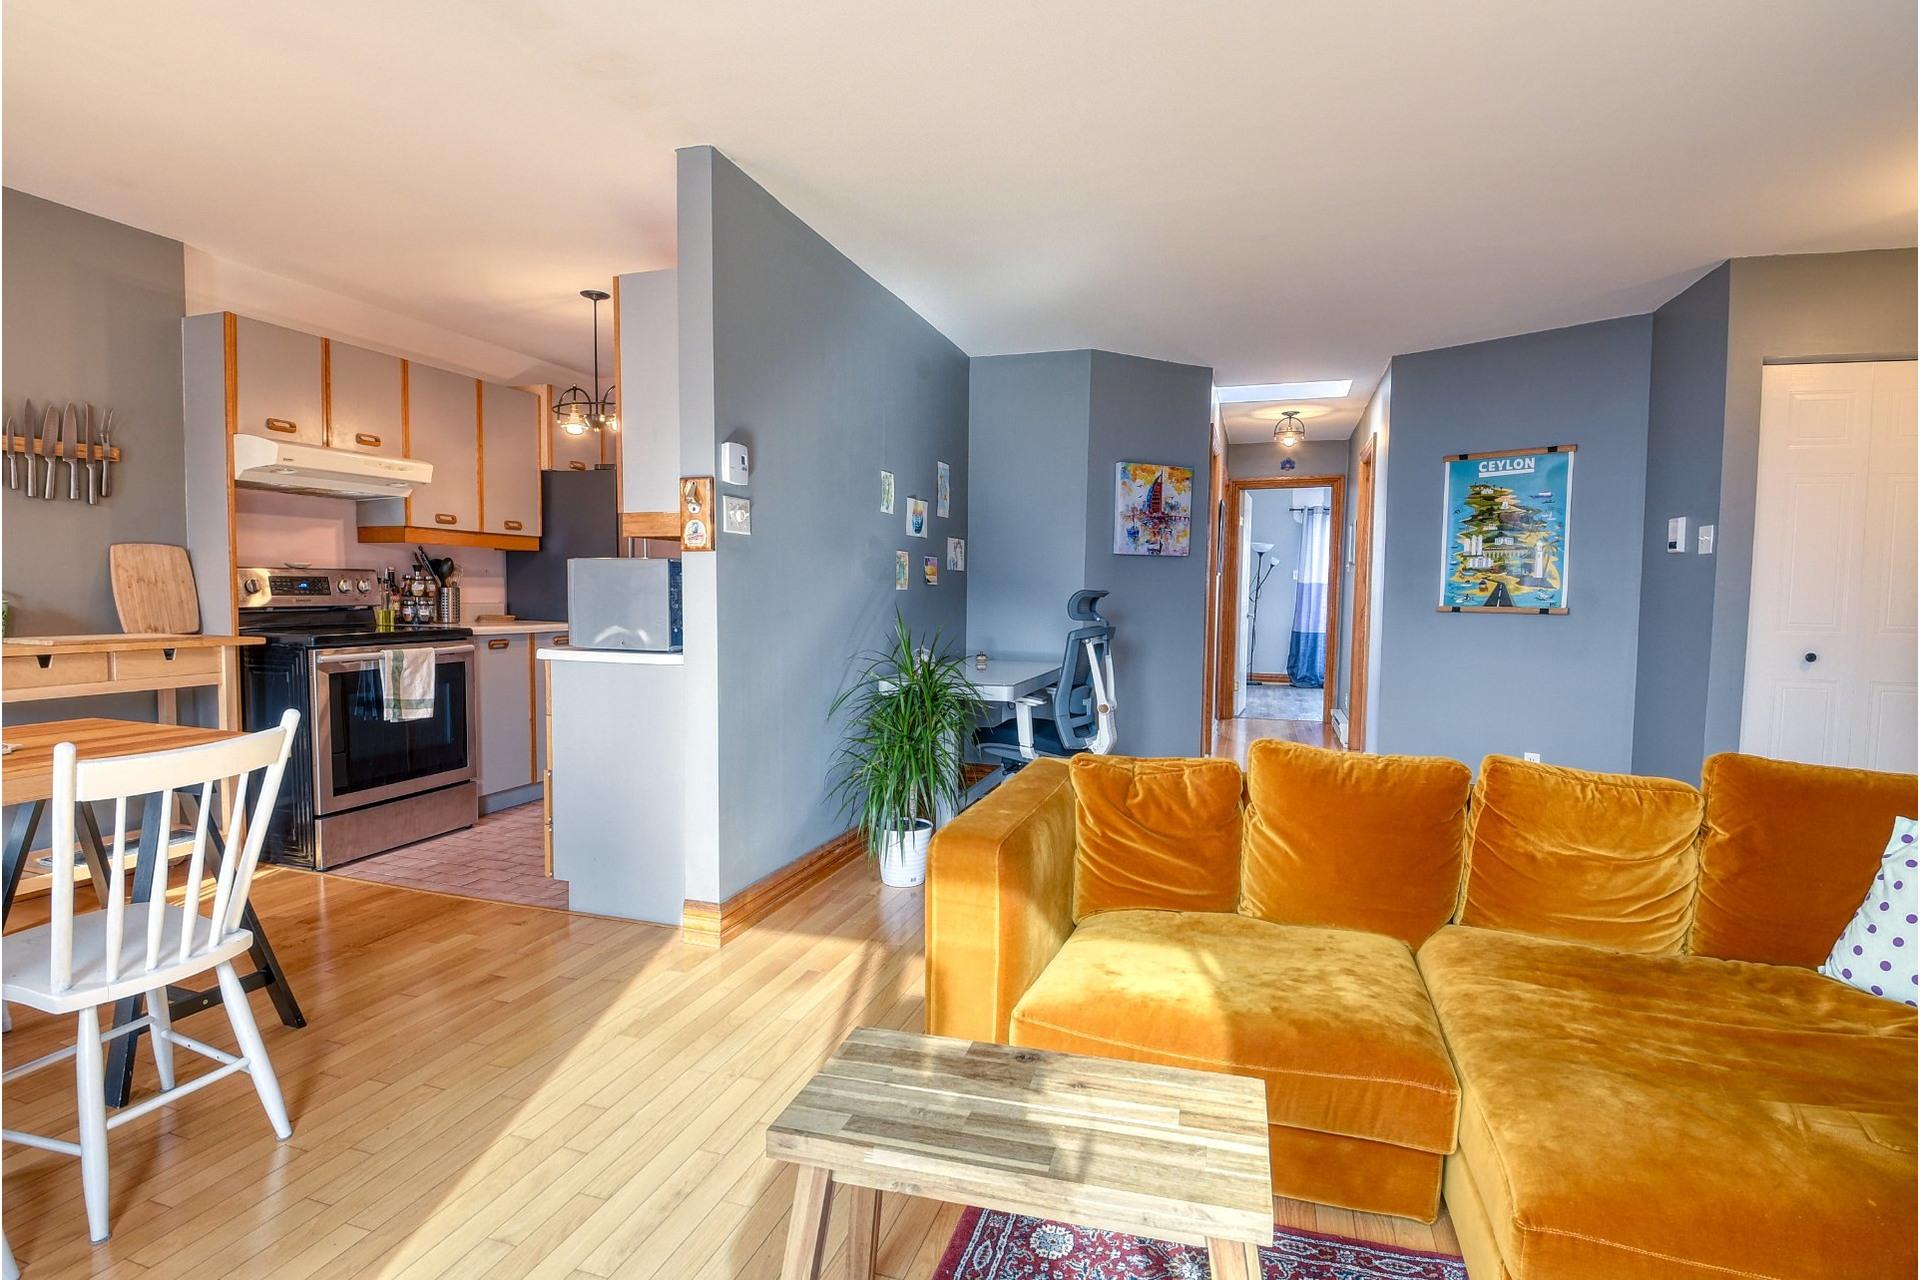 image 4 - Appartement À vendre Mercier/Hochelaga-Maisonneuve Montréal  - 6 pièces